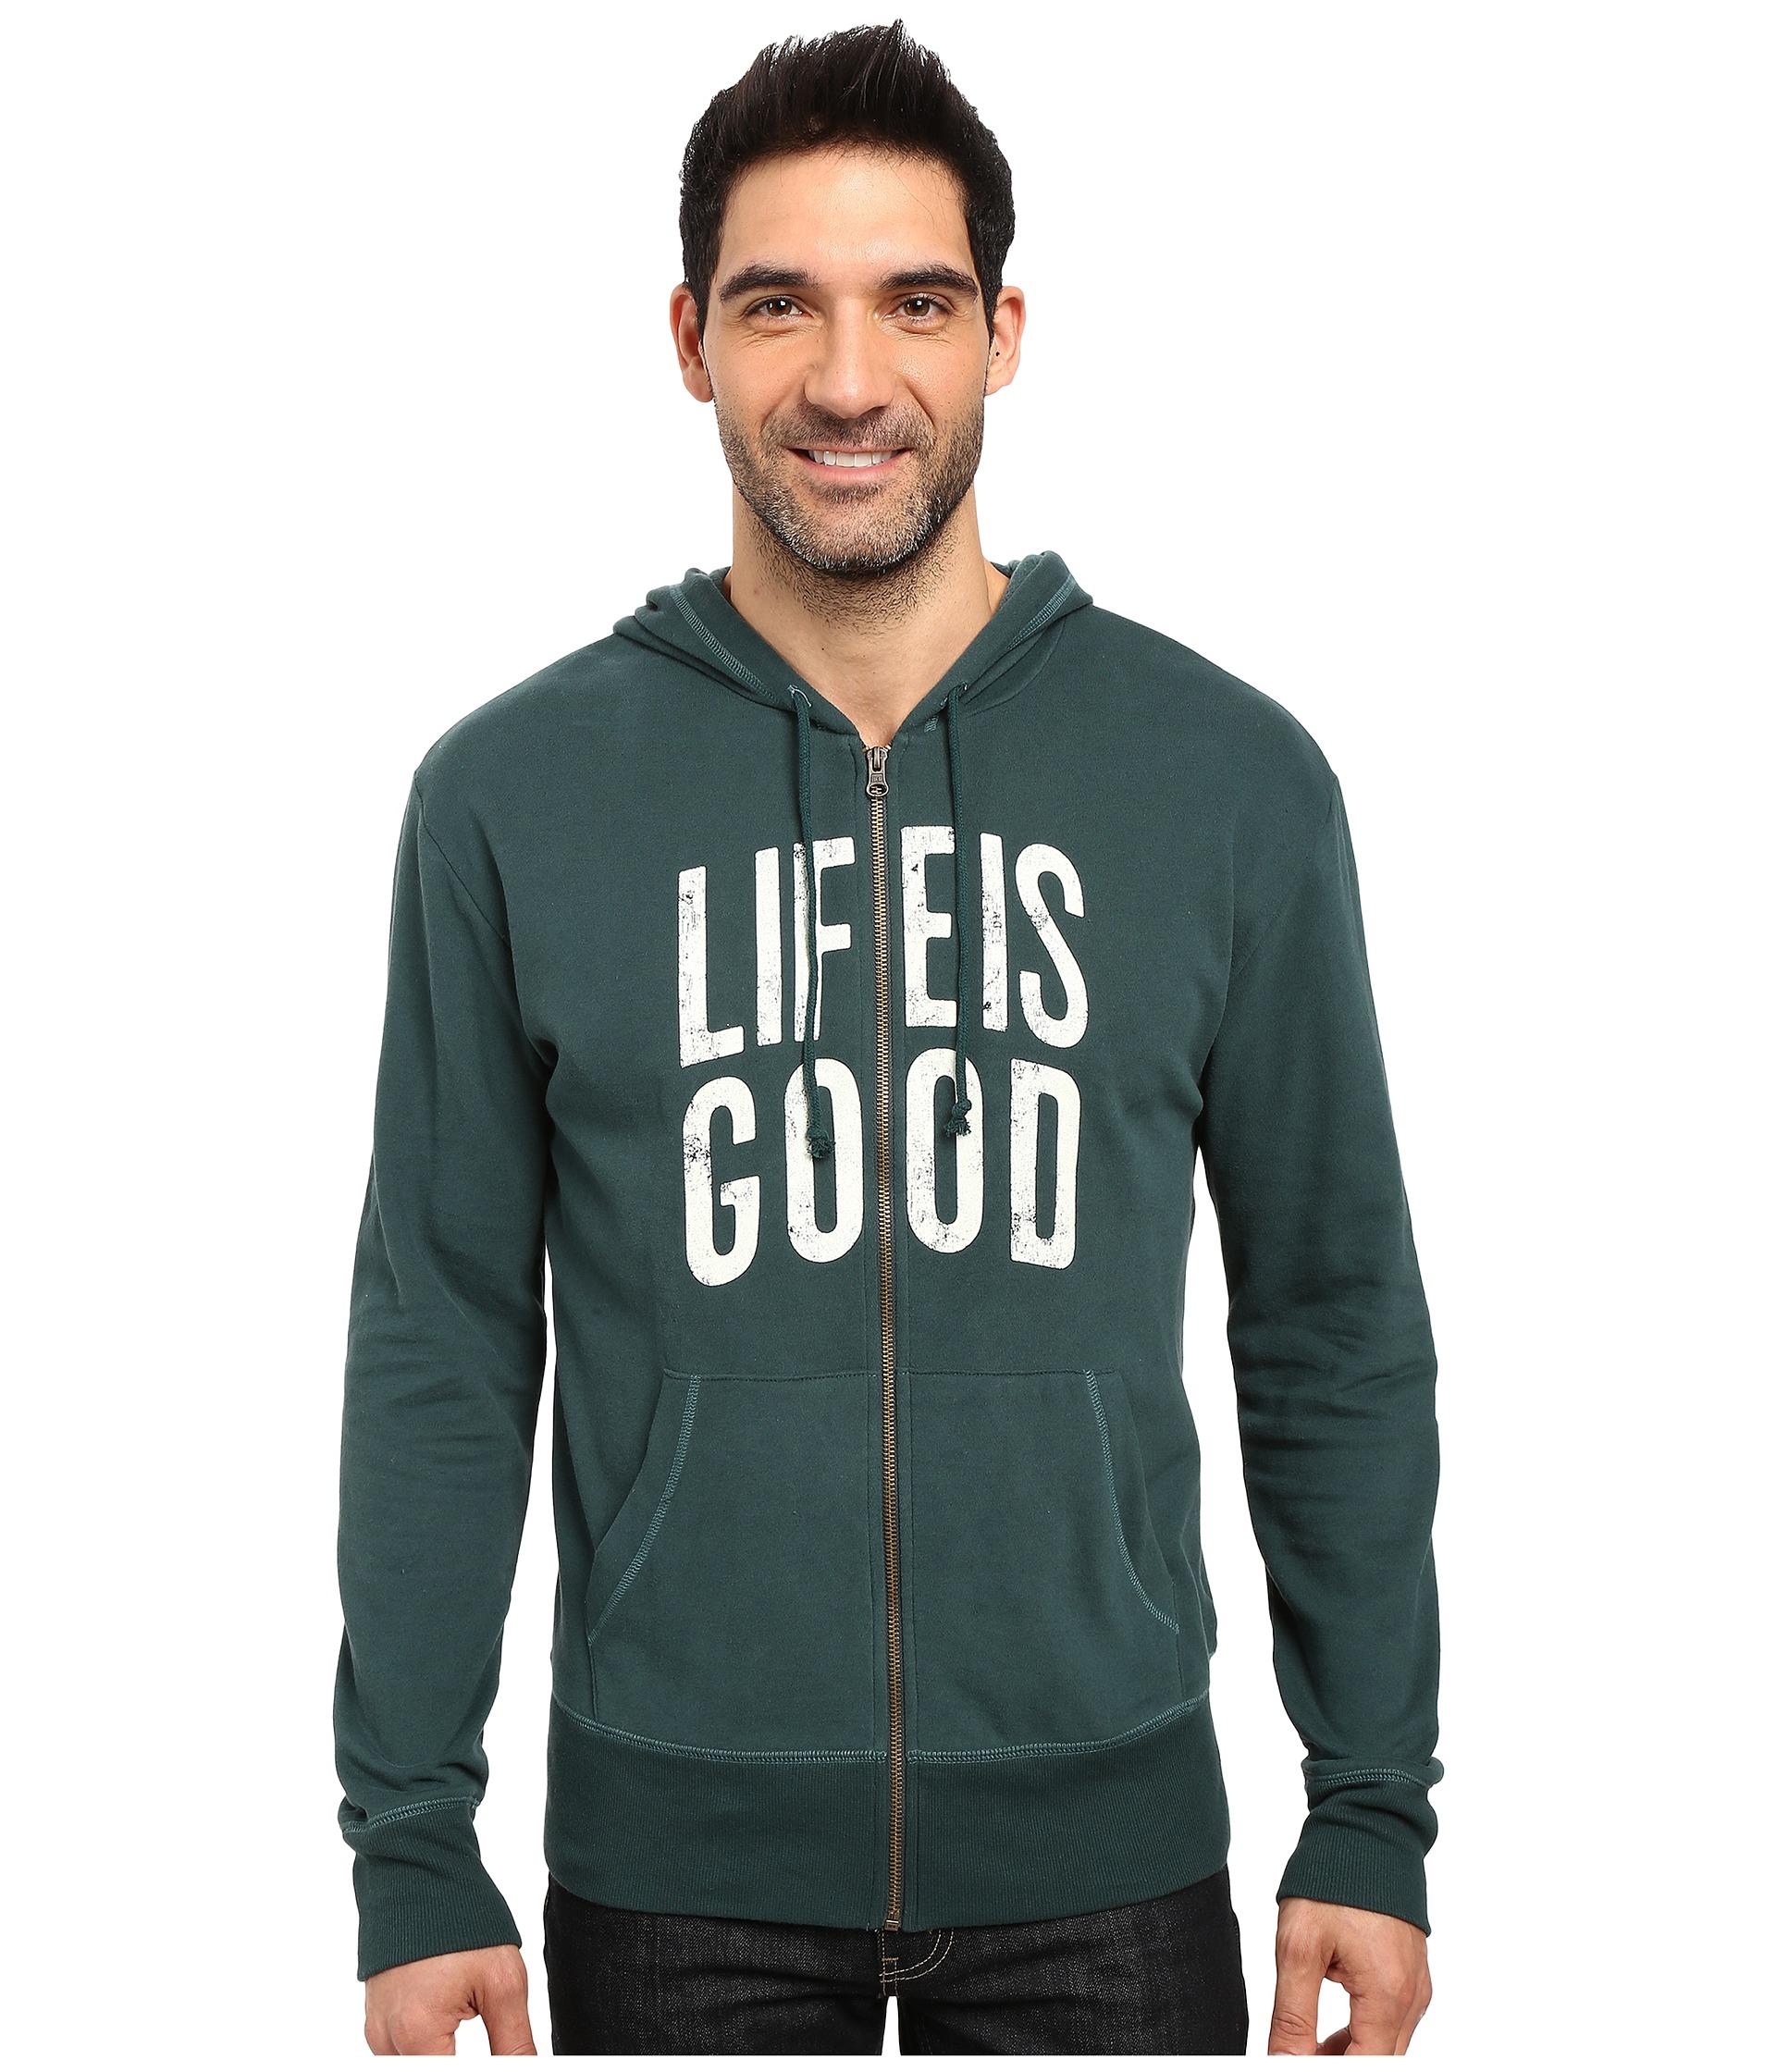 Life is good hoodie